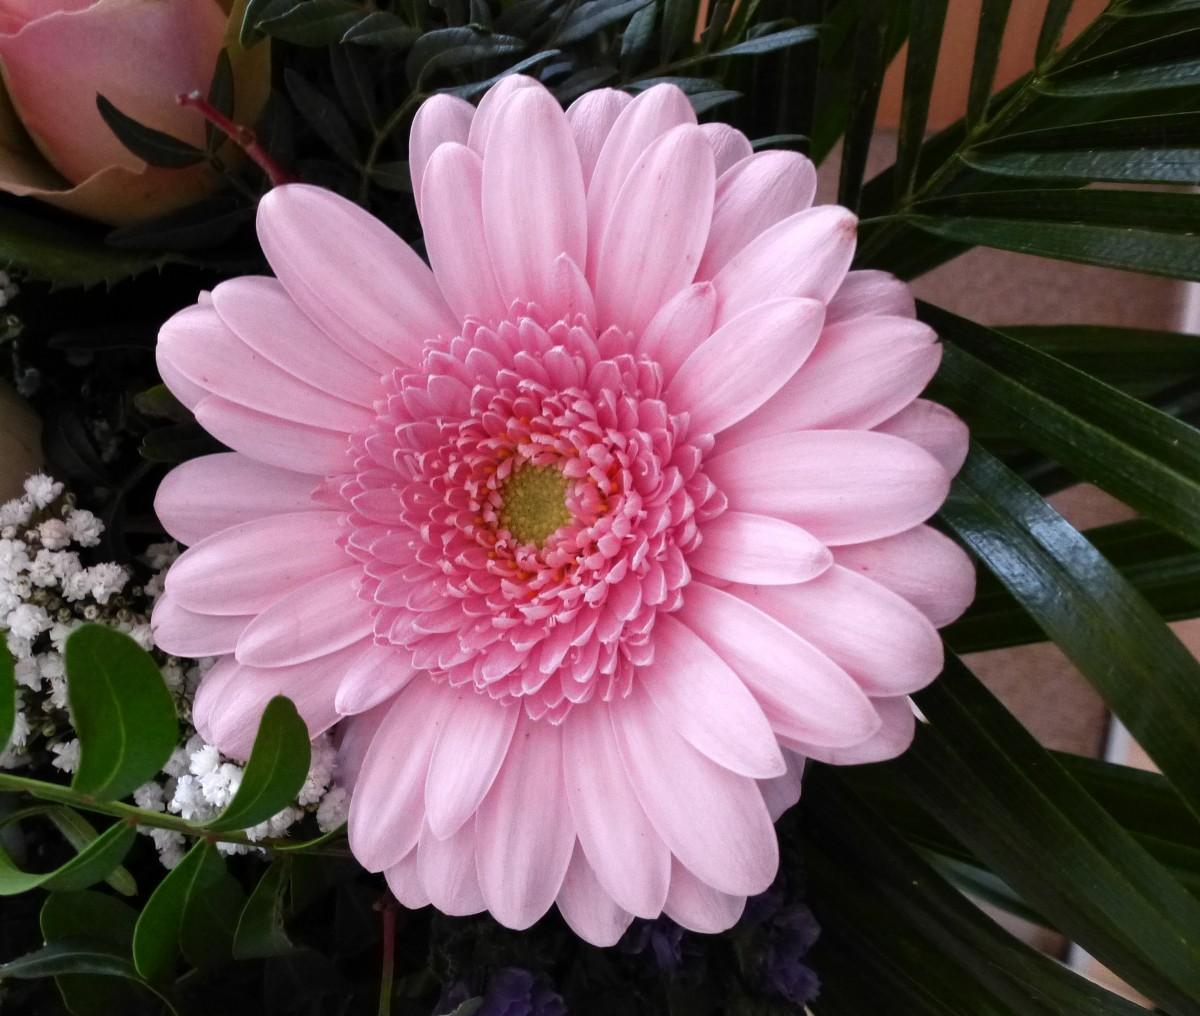 rosa gerbera hybrid geh rt zu den beliebtesten schnittblumen weltweit stammt urspr nglich aus. Black Bedroom Furniture Sets. Home Design Ideas